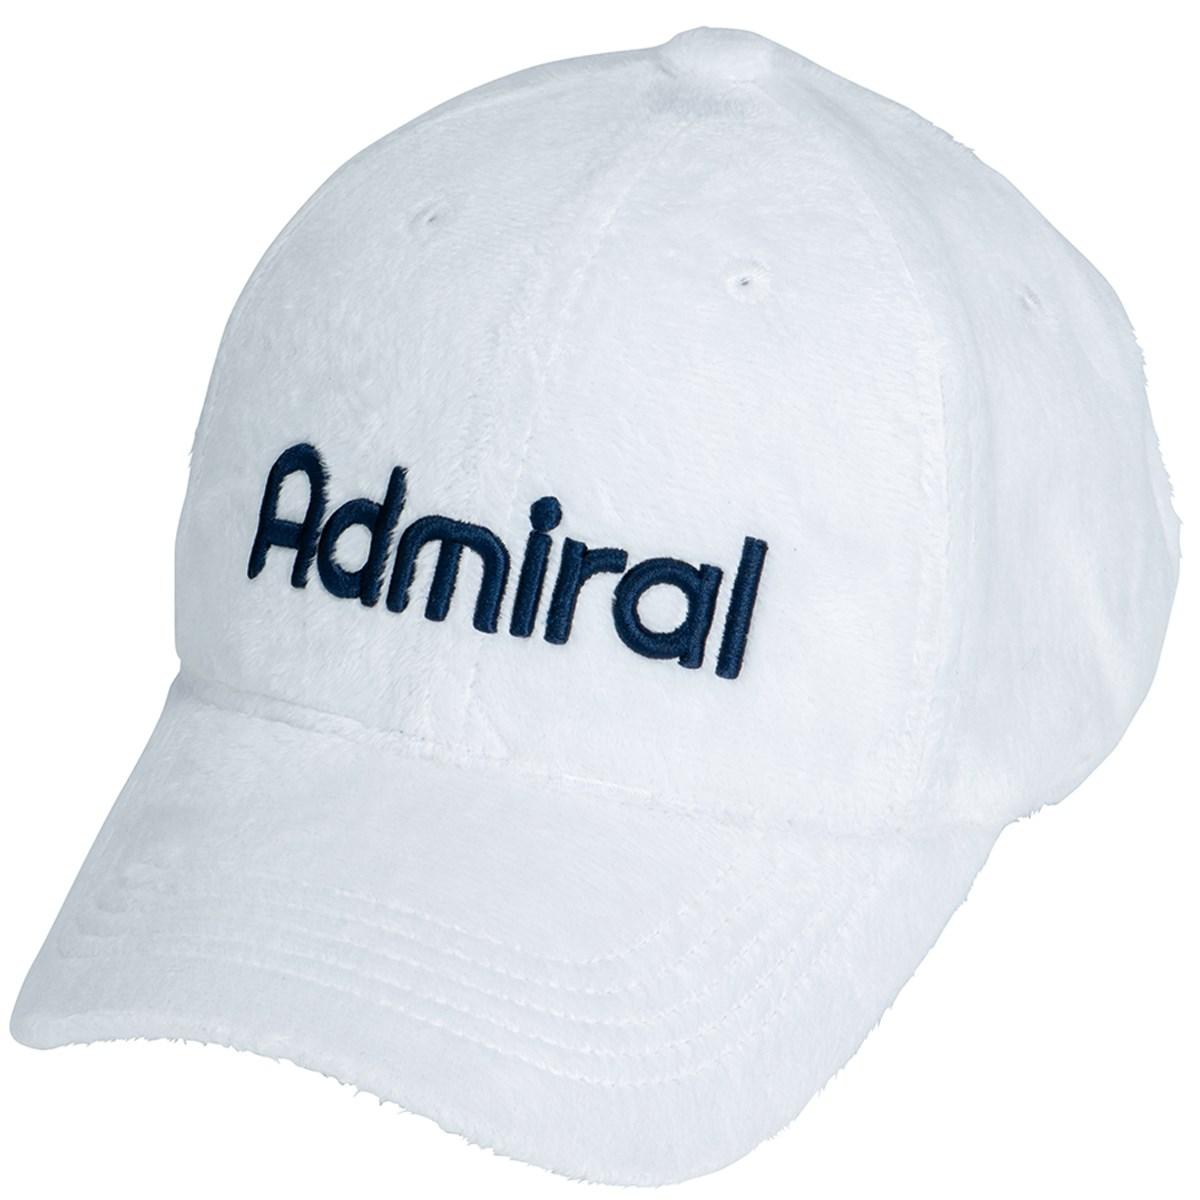 アドミラル Admiral ボアフリース キャップ フリー ホワイト 00 レディス